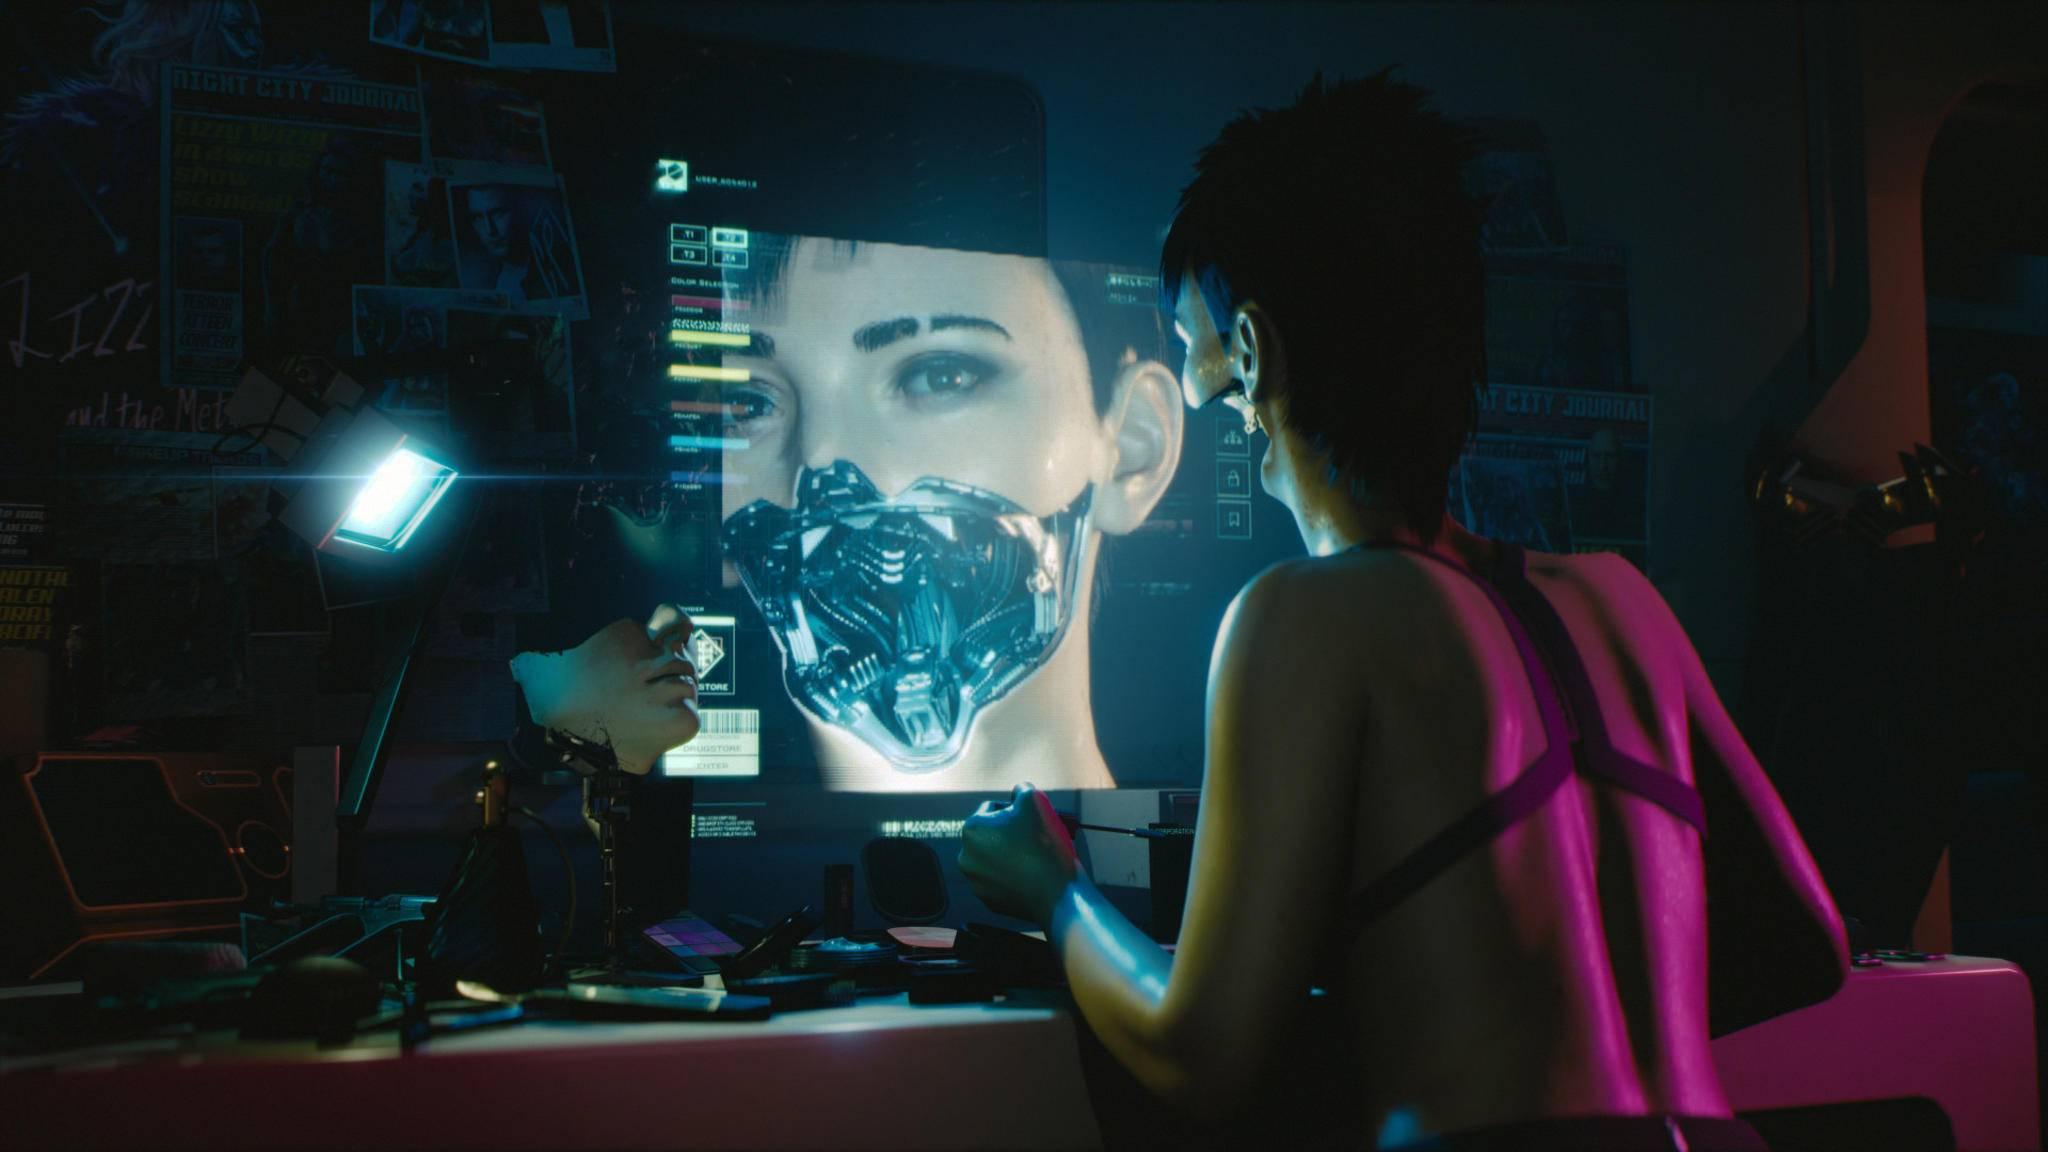 """Da haben die Entwickler """"Cyberpunk 2077"""" wohl zu kleine Speicherchips eingepflanzt."""